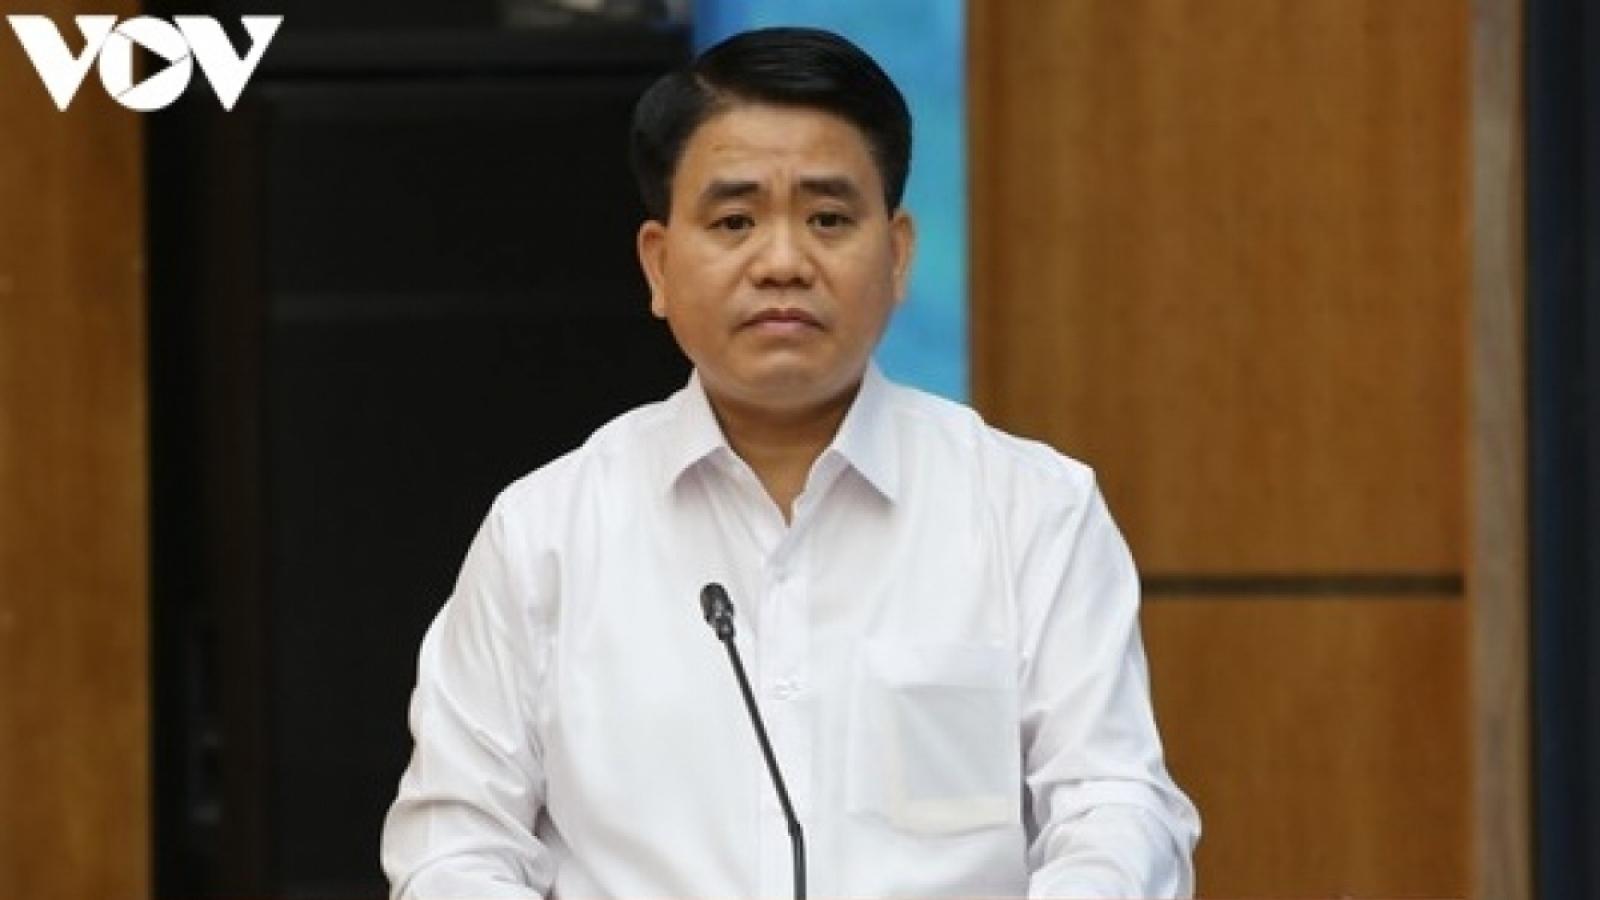 Ông Nguyễn Đức Chung chỉ đạo miệng có lợi cho công ty của vợ con